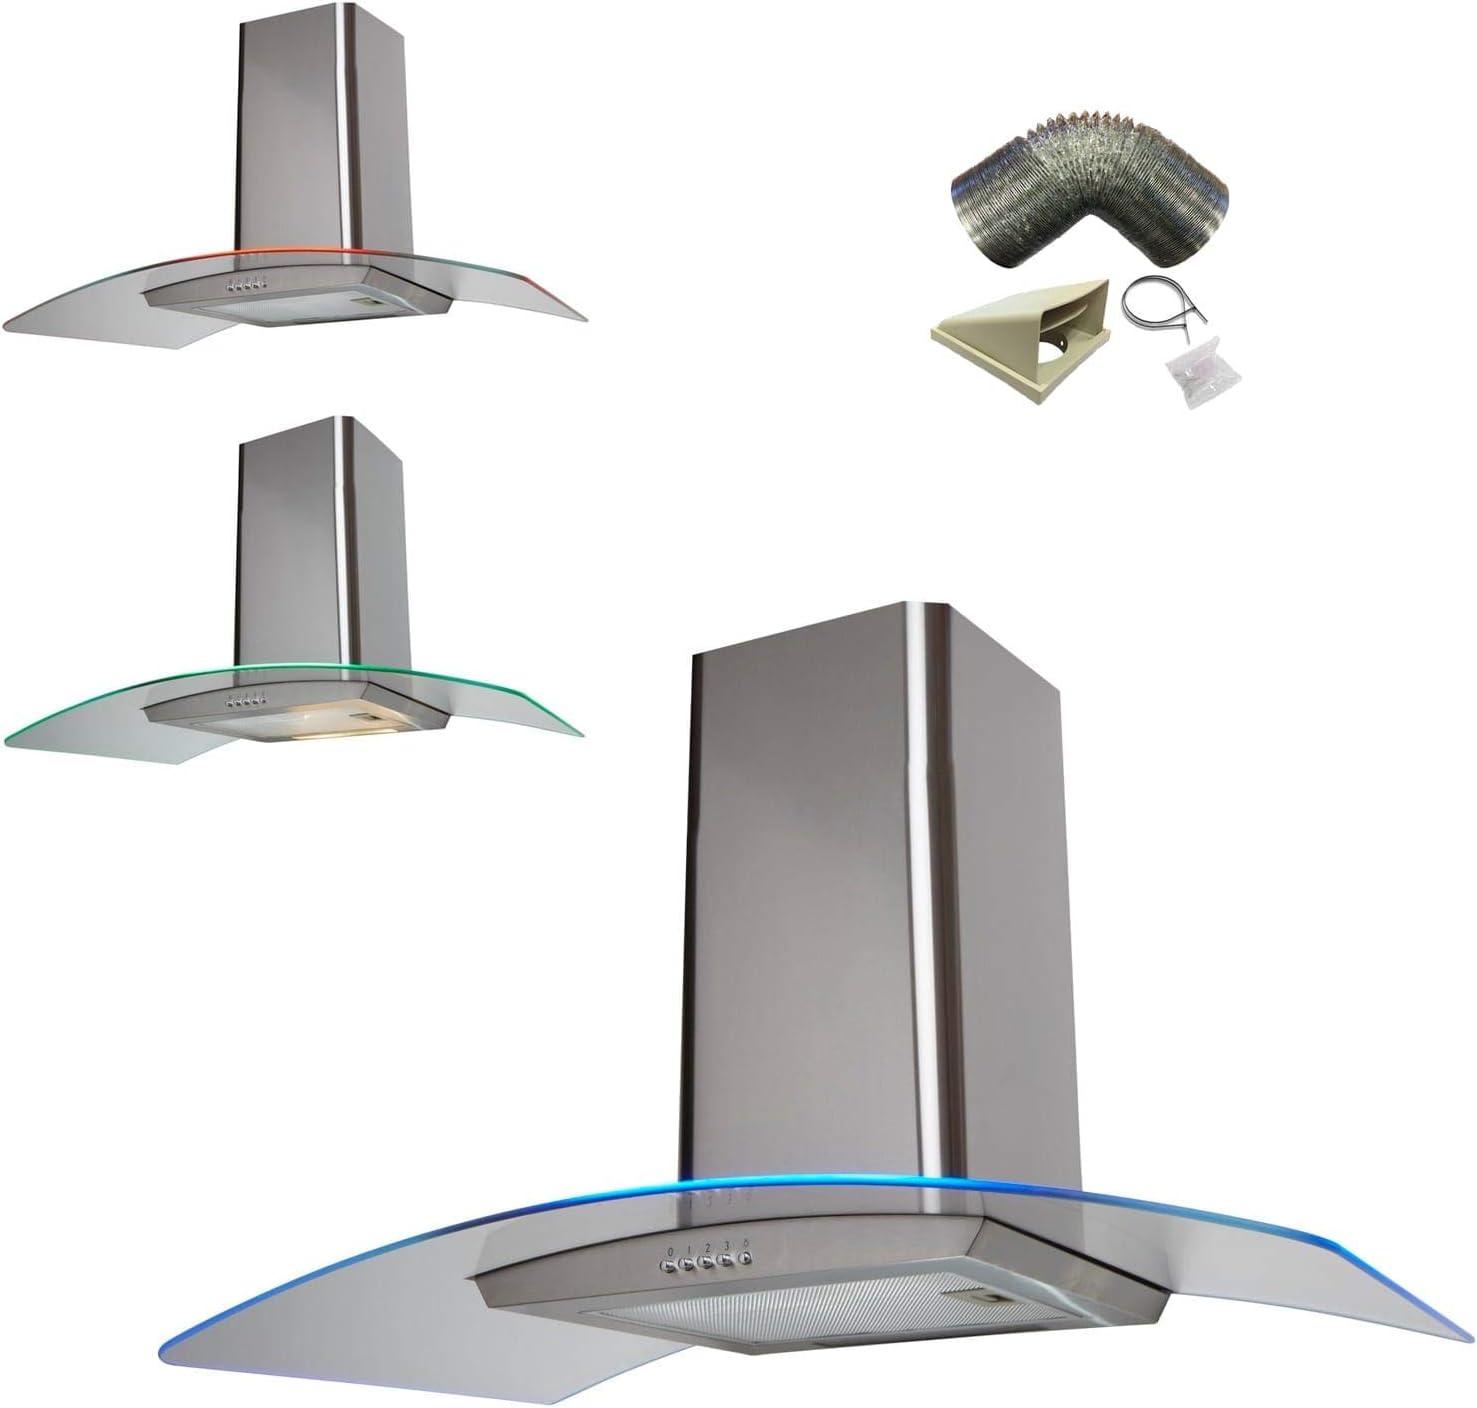 Sia 100 cm 3 Color LED ST/ventilador Extractor de campana de acero + 3 M juego de conductos: Amazon.es: Grandes electrodomésticos